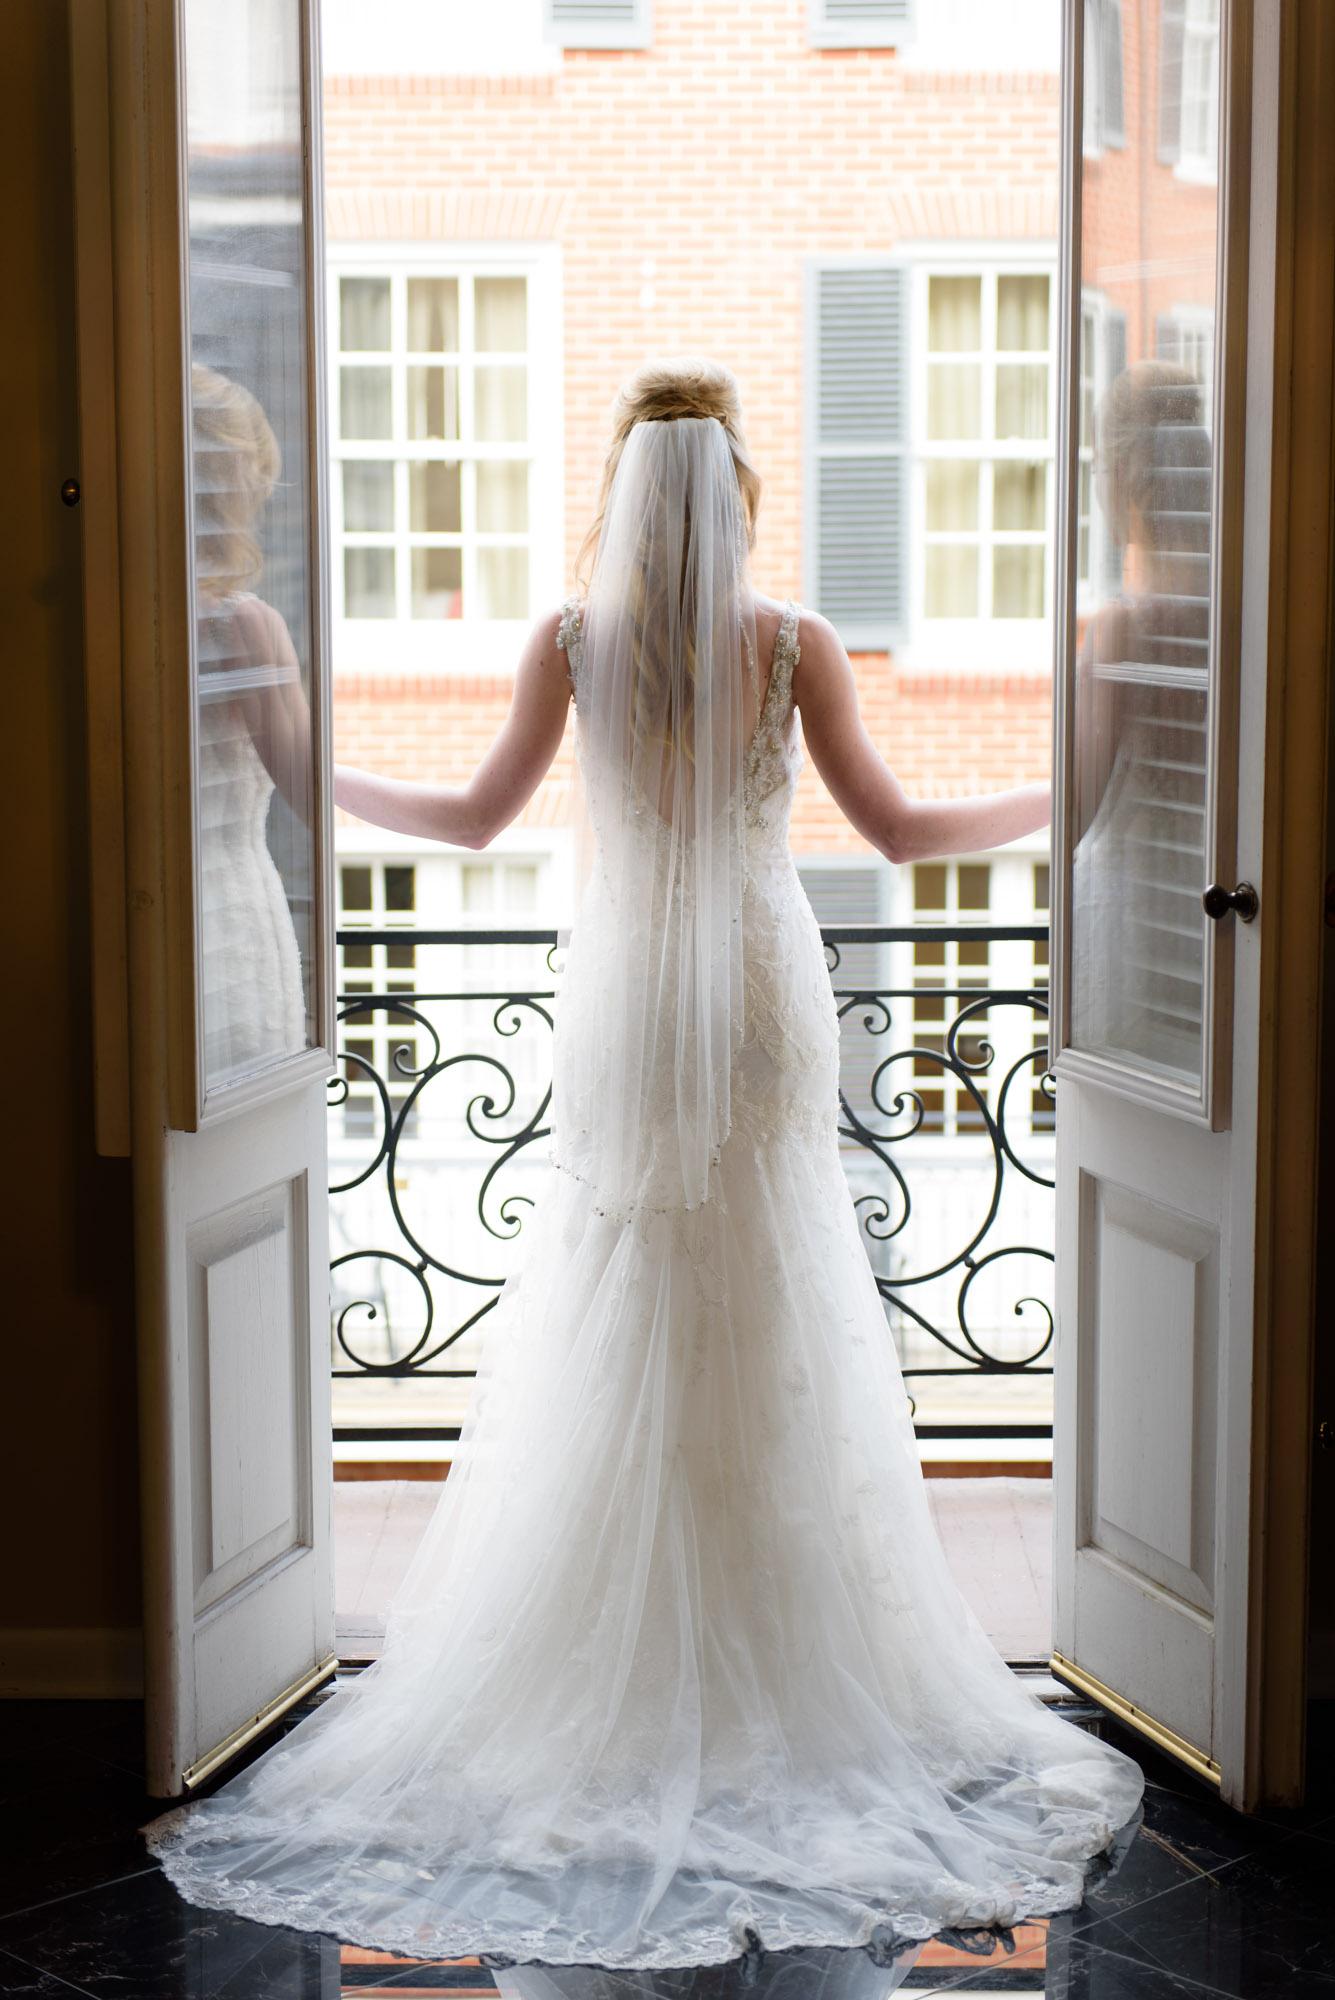 Window portrait at New Orleans' Hotel Mazarin